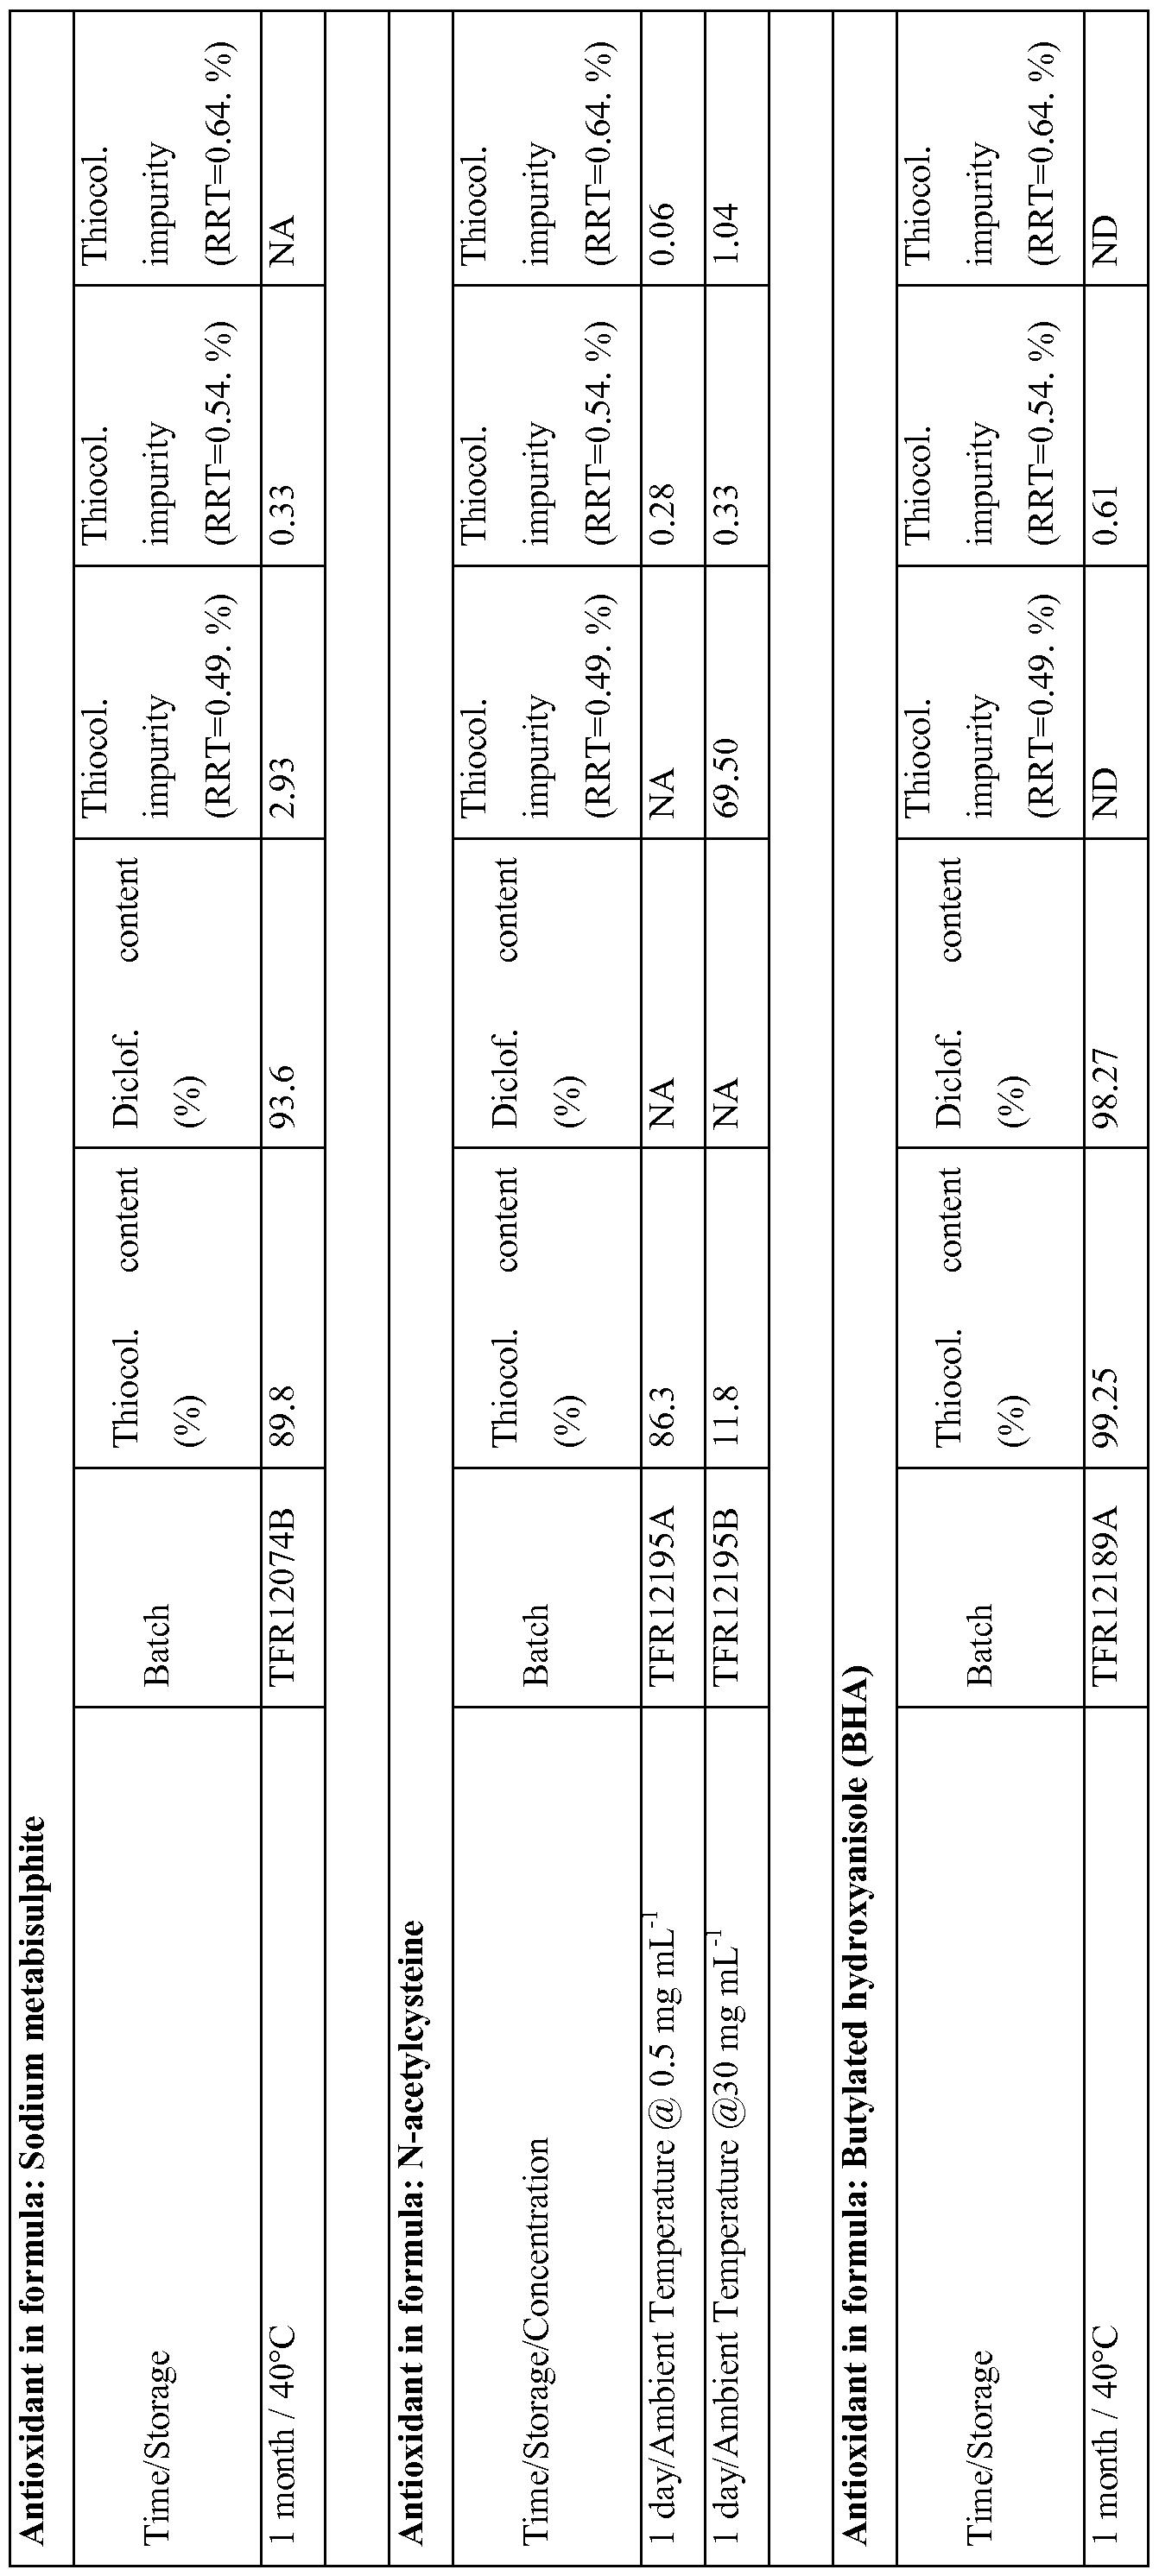 azithromycin 1g